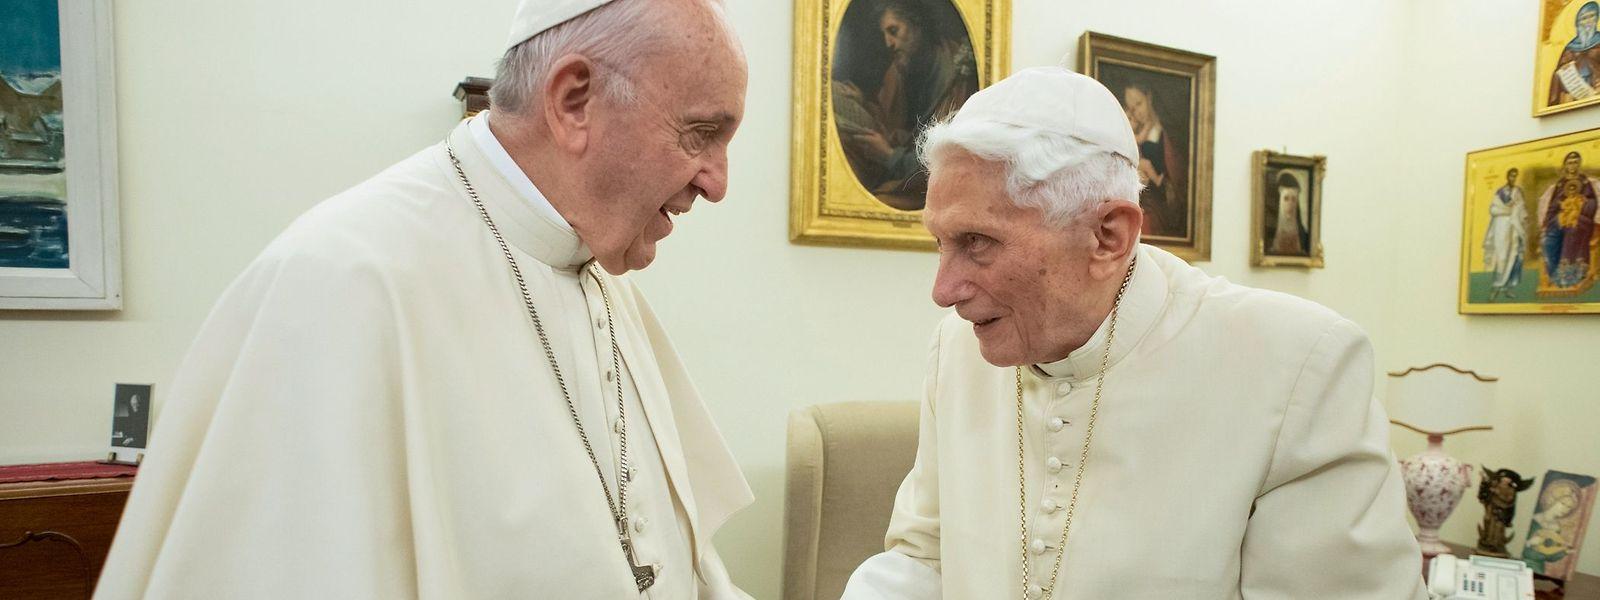 Papst Franziskus besucht im Dezember 2018 seinen Vorgänger Papst Benedikt XVI.